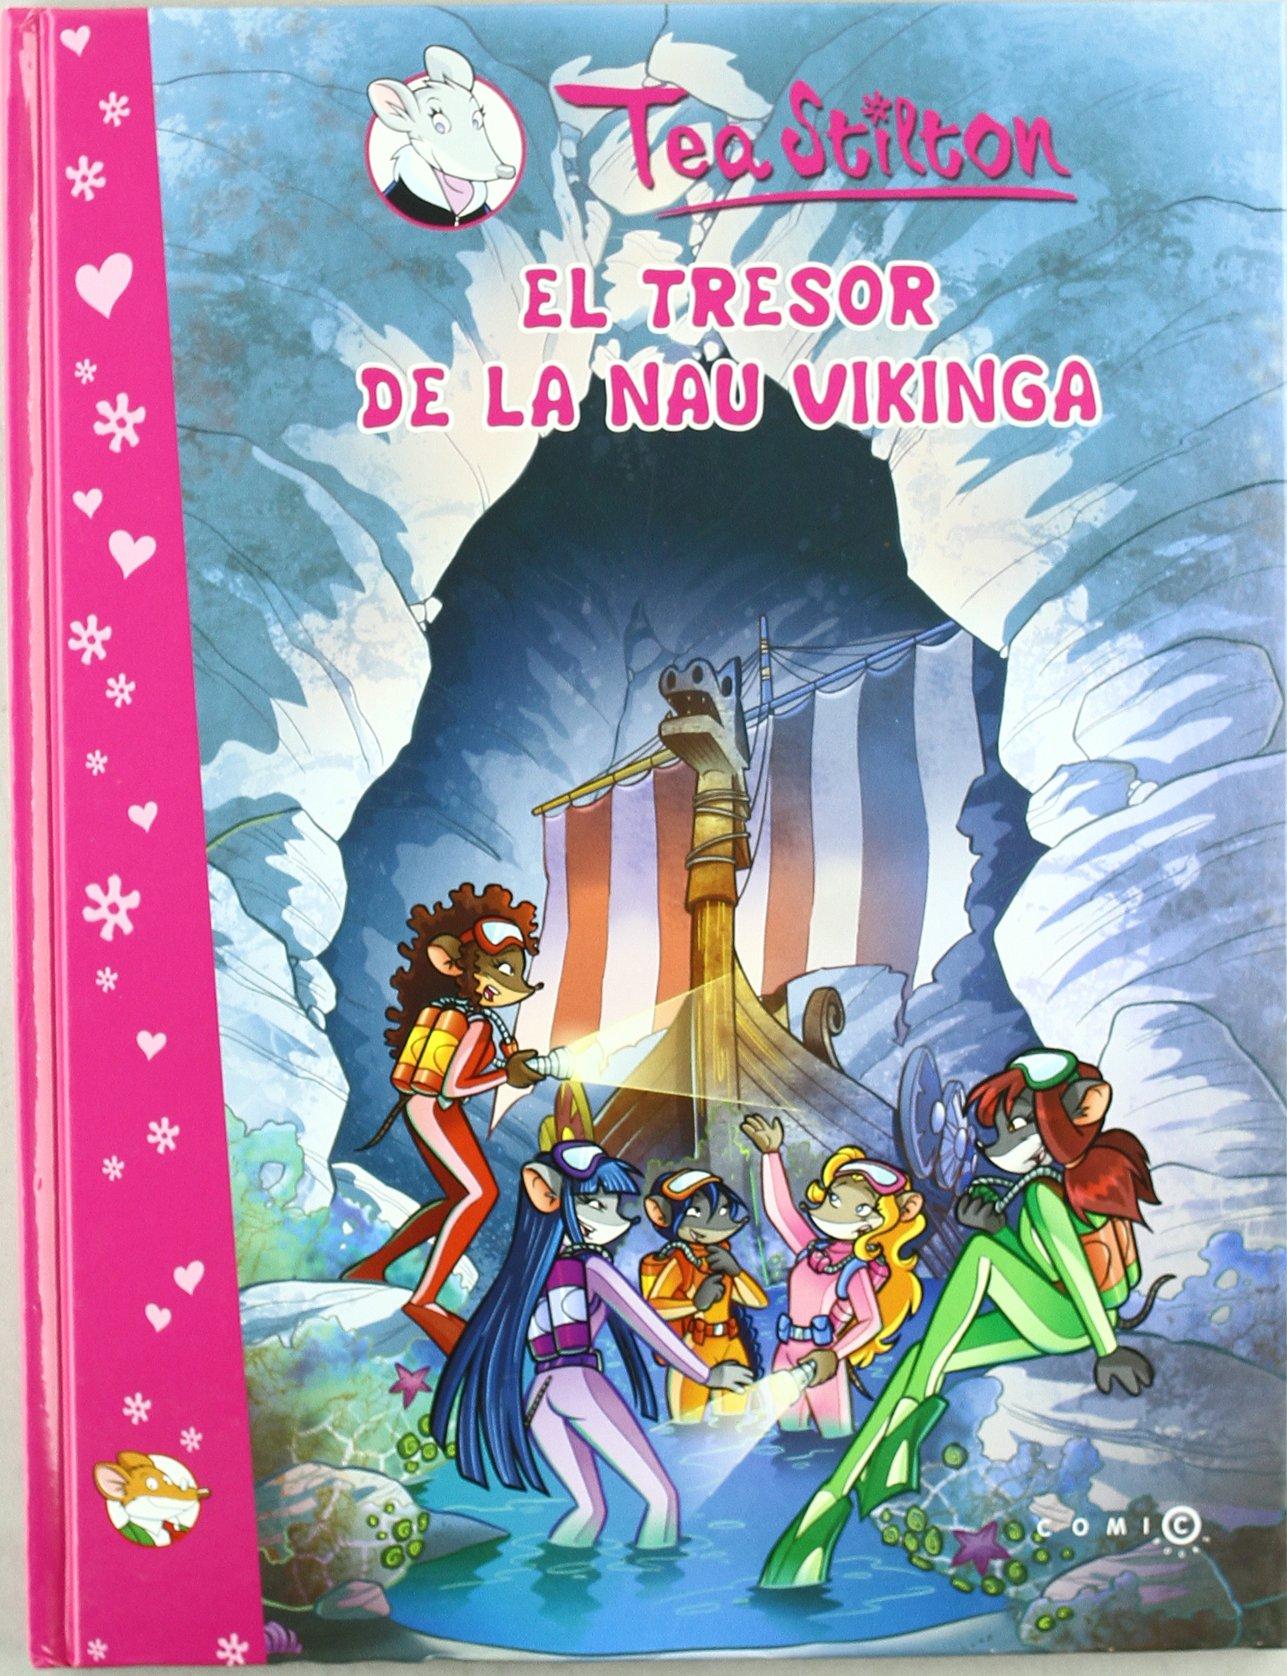 El tresor de la nau vikinga (Comic Books): Amazon.es: Stilton ...